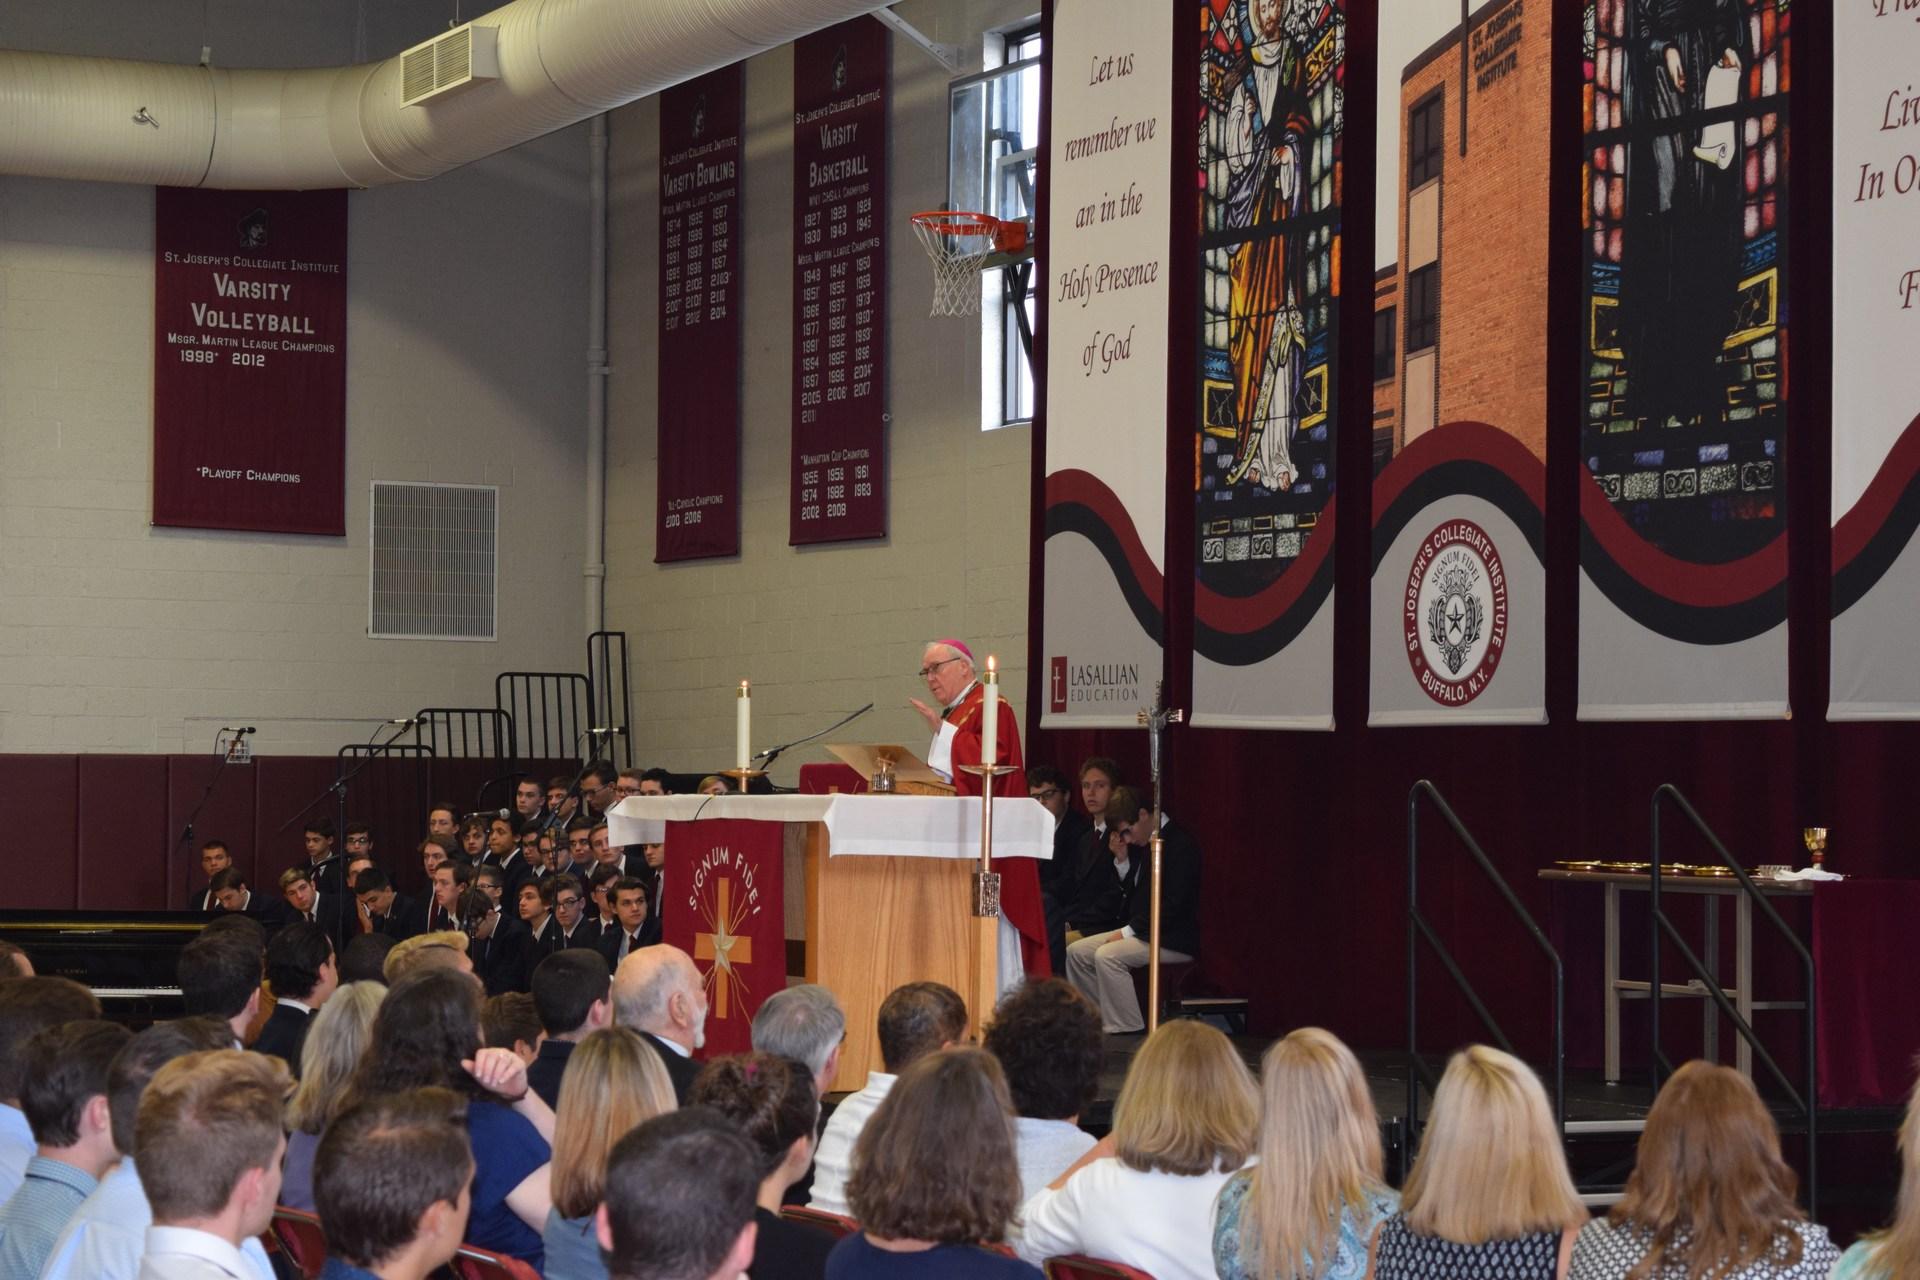 Bishop's mass